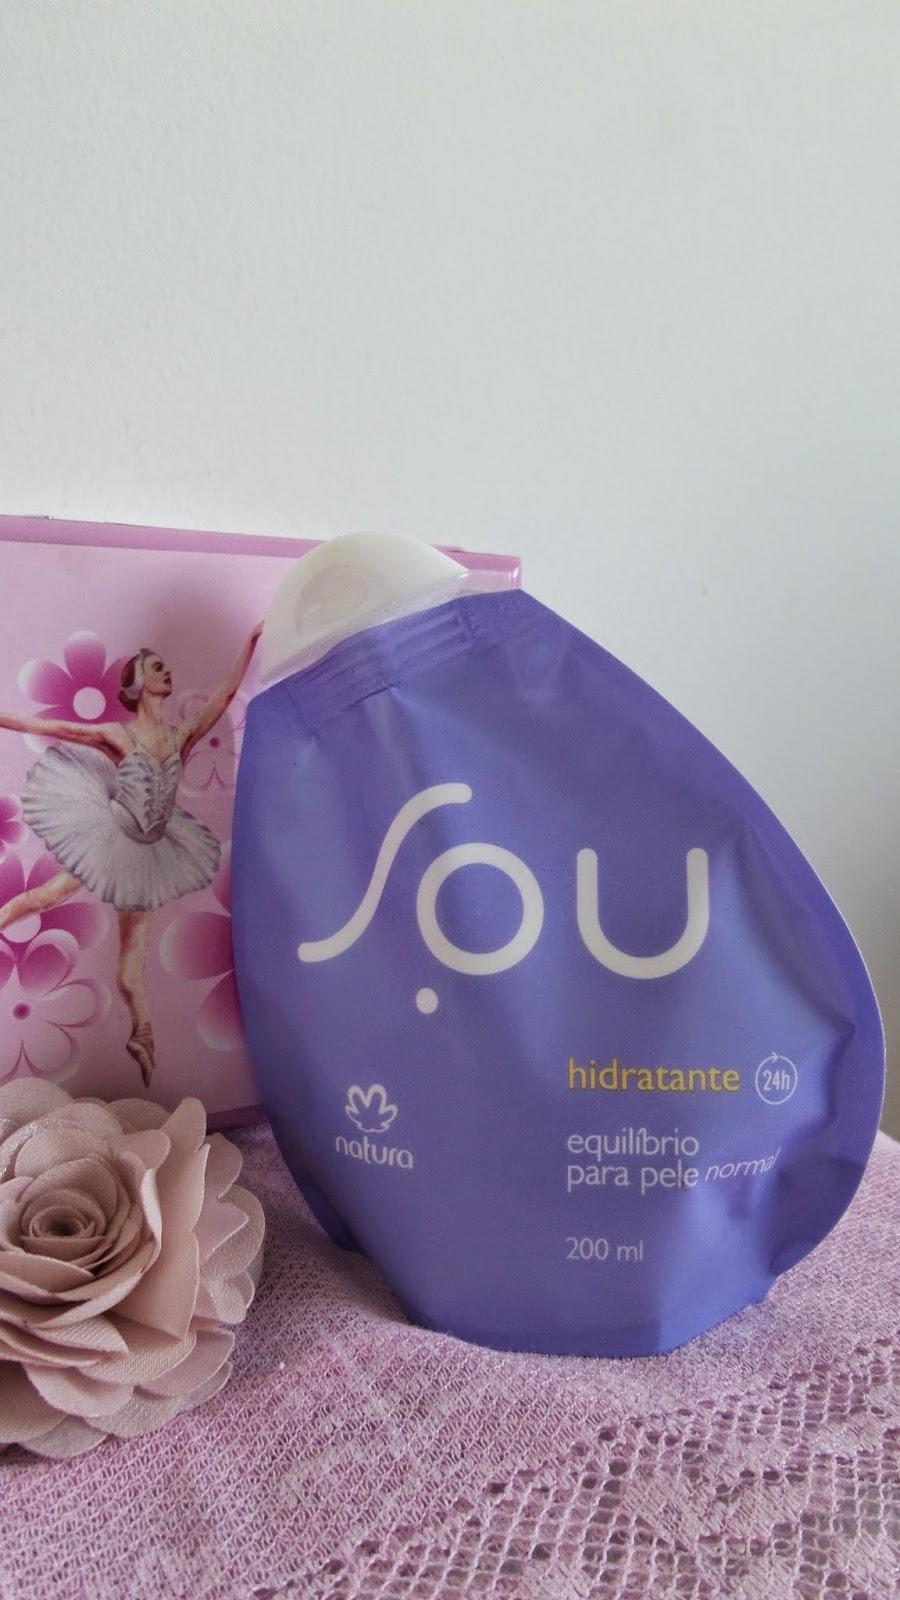 Hidratante SOU Natura para pele normal